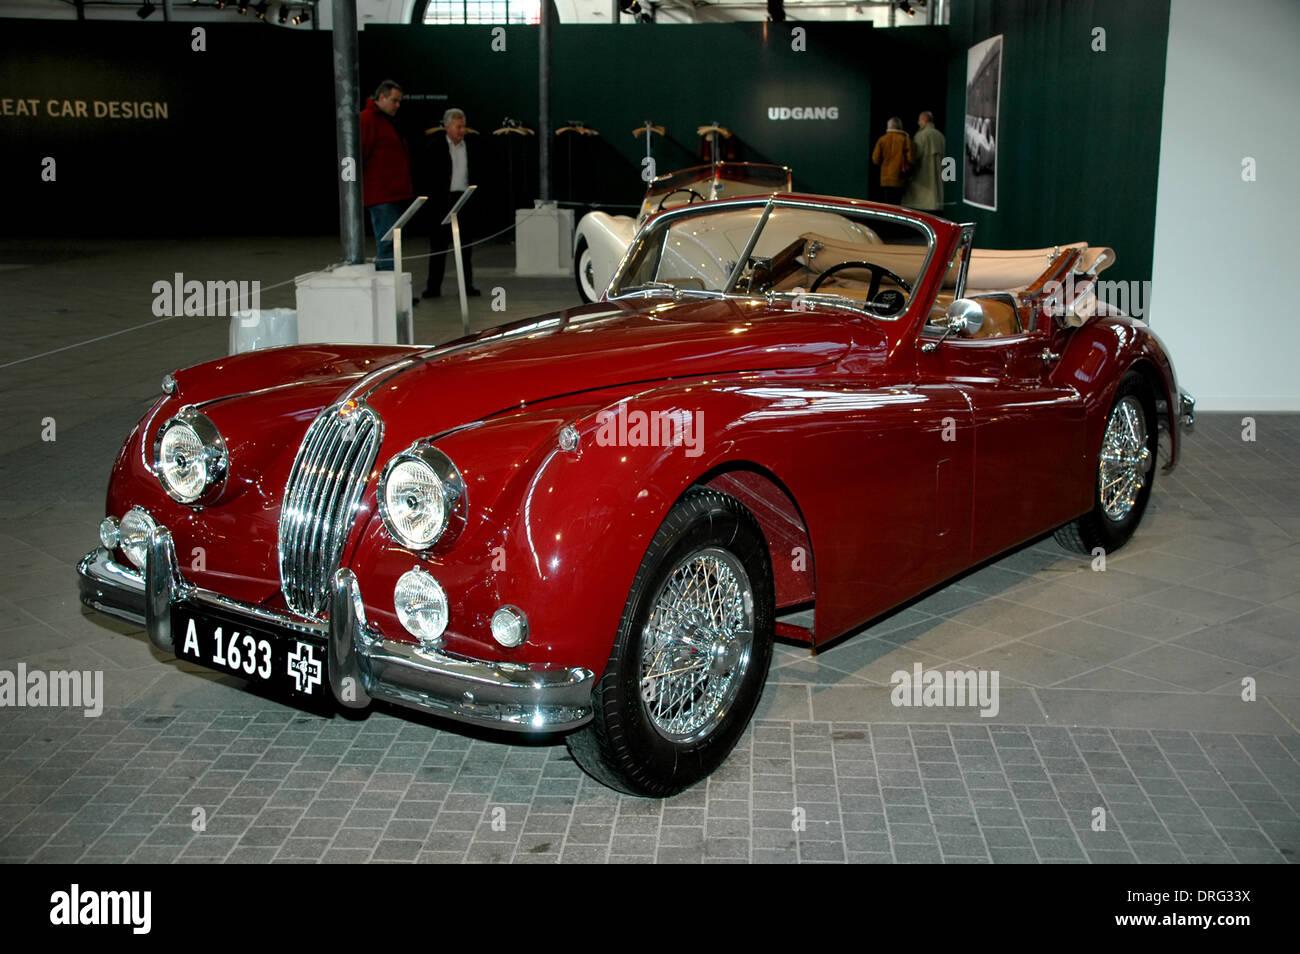 Old Red Jaguar Sports Car